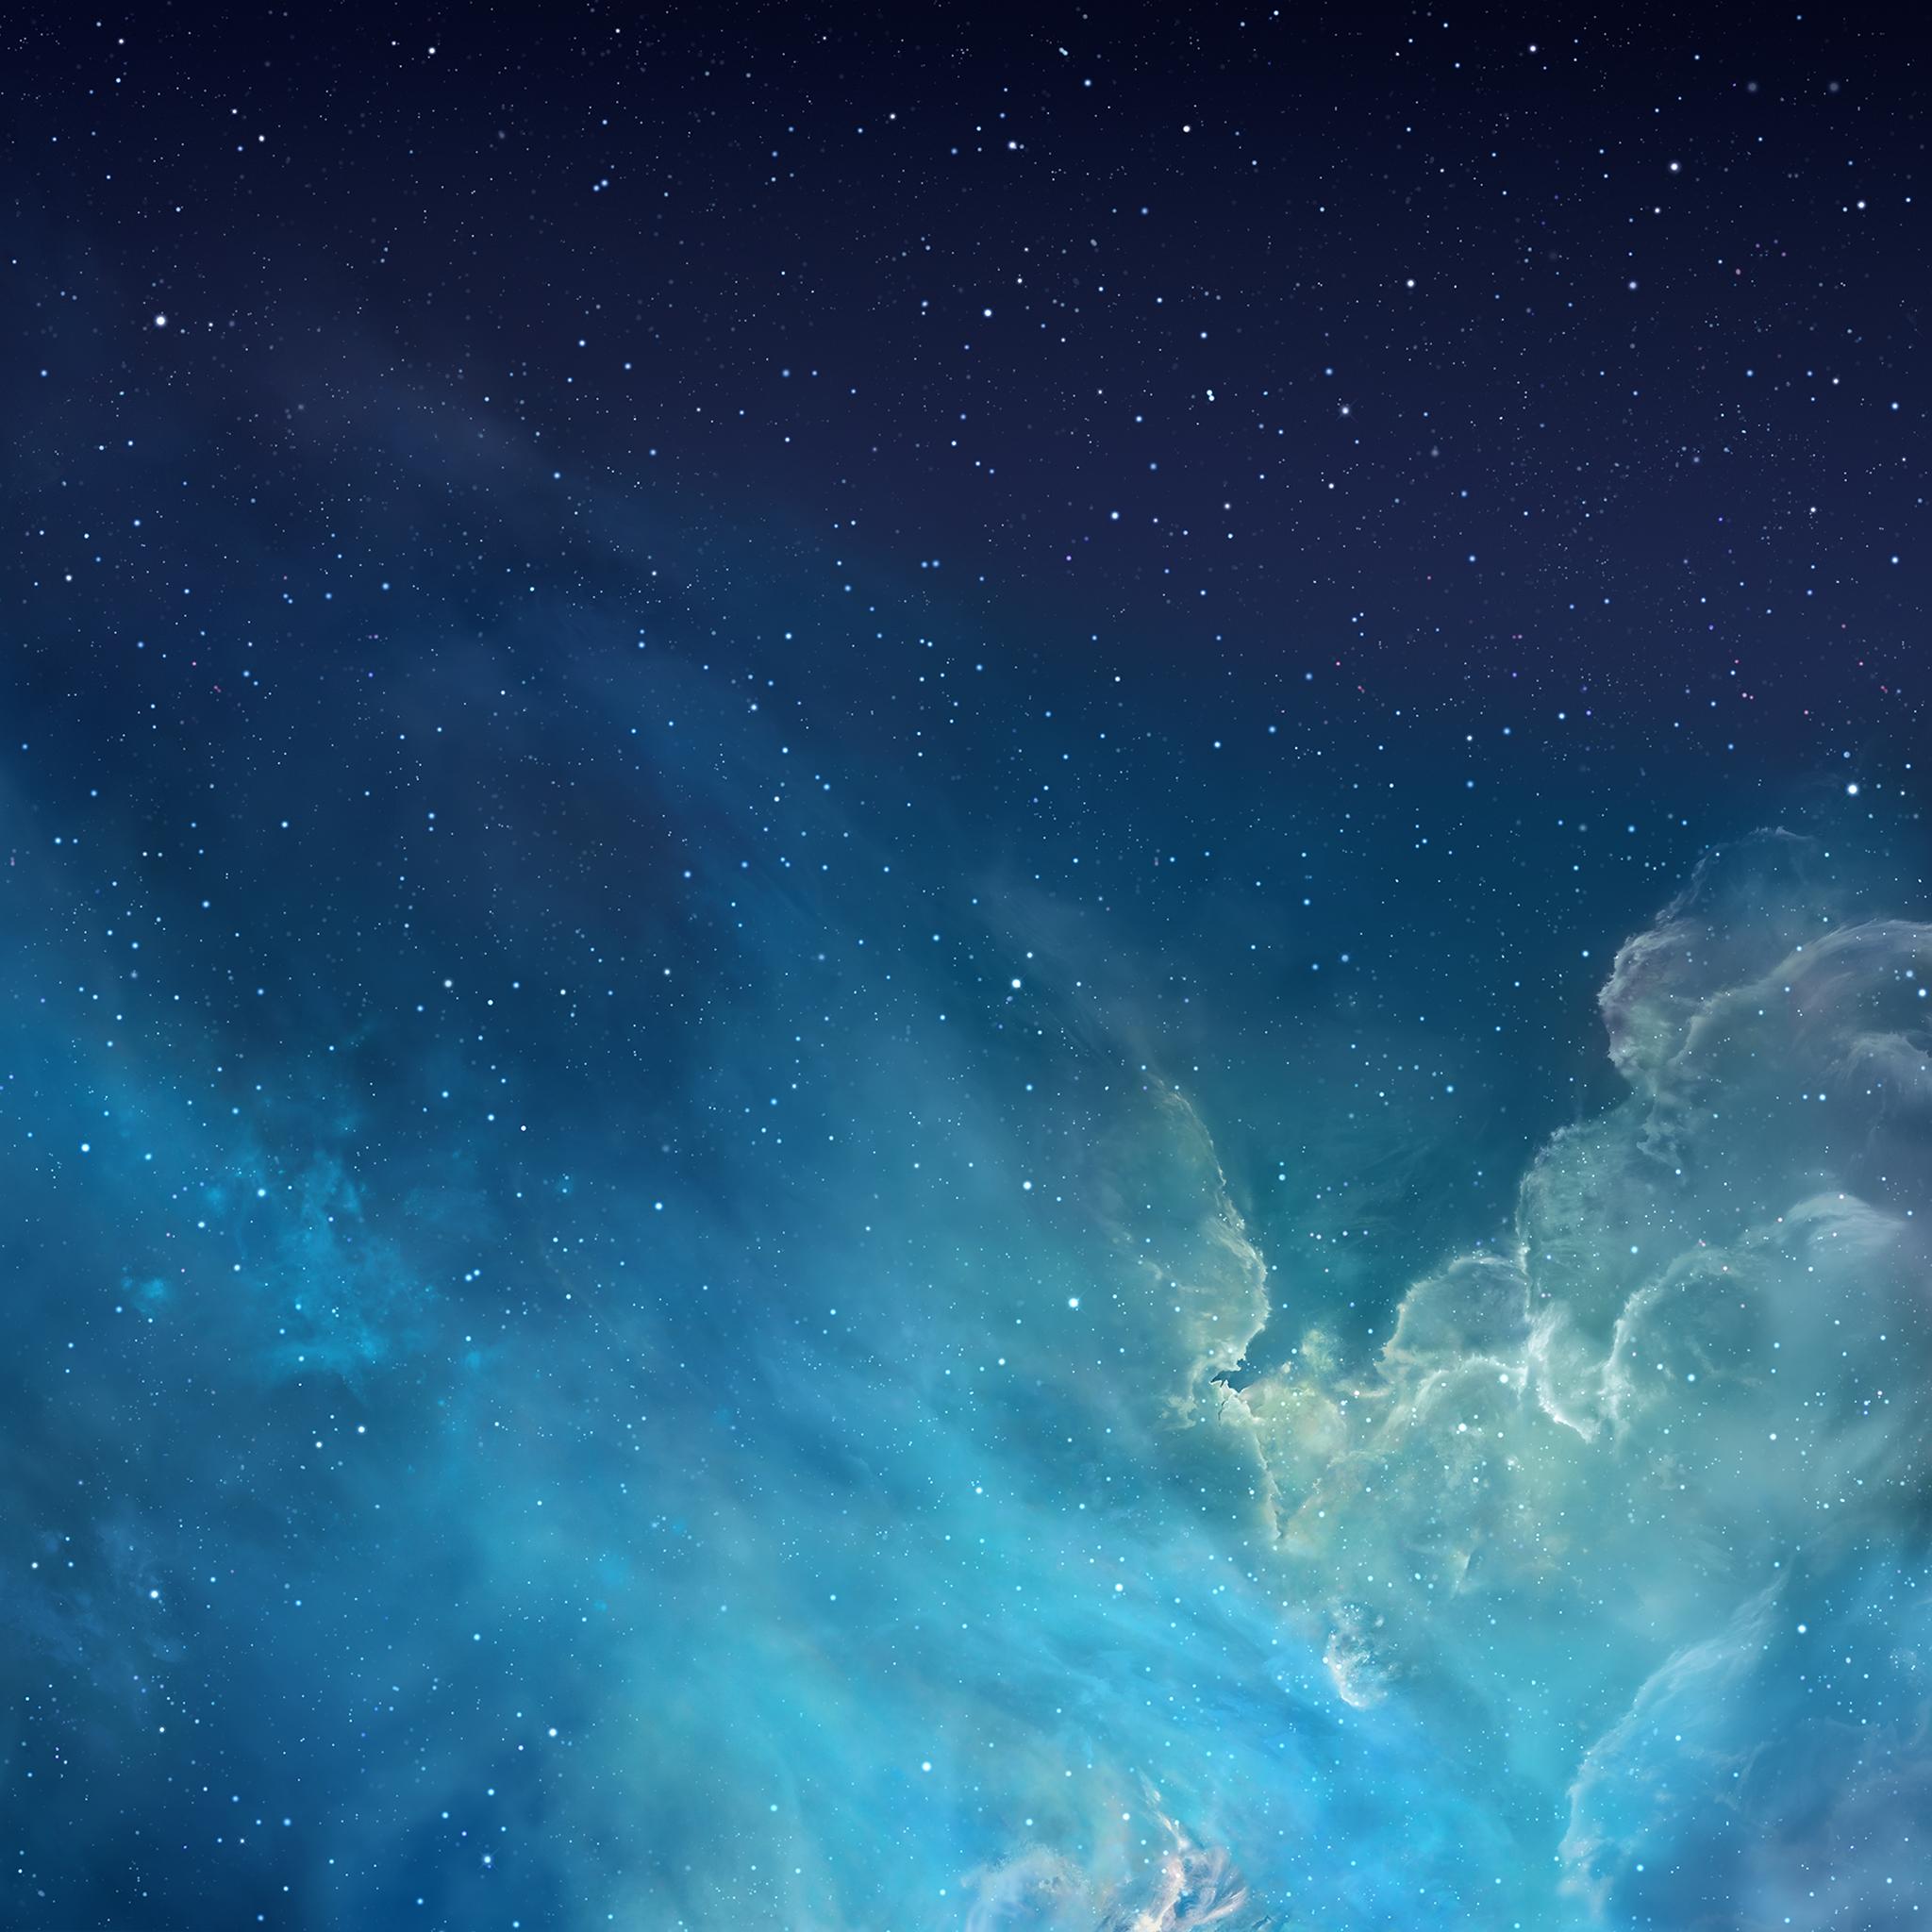 Filename: iPad-mini-retina-wallpaper-HD-default-iOS7-parallax_026.jpg